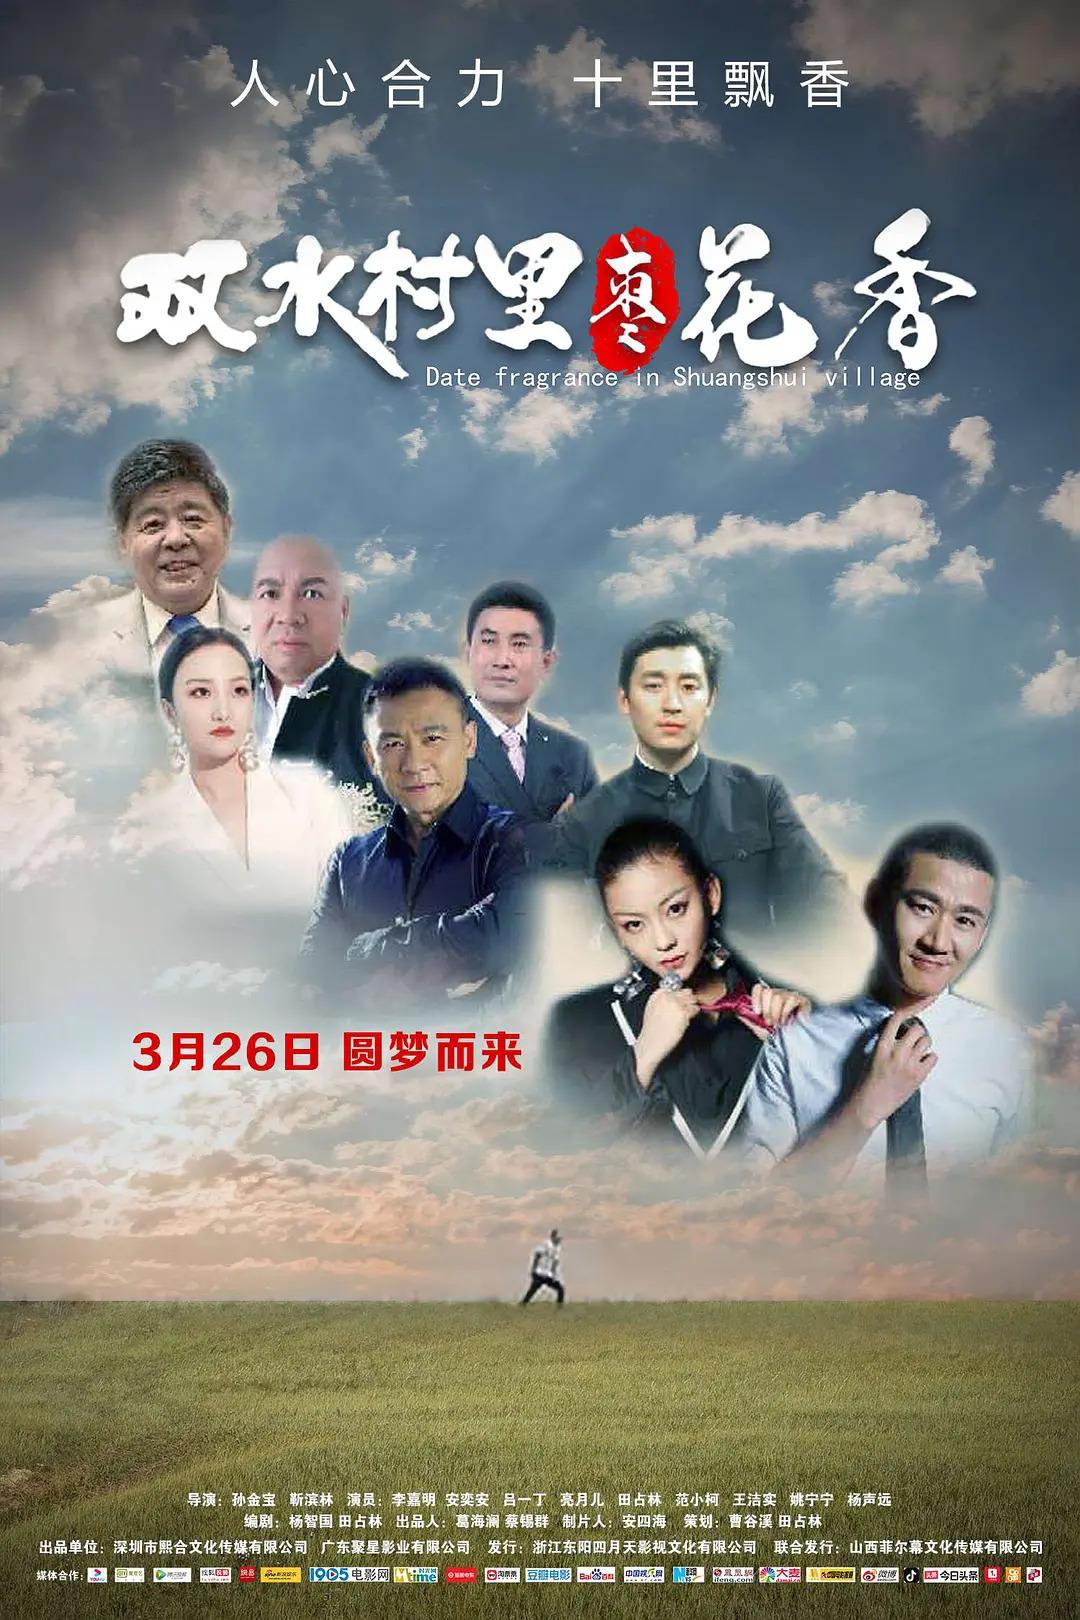 【电影预告】双水村里枣花香 2021-03-26 中国大陆上映